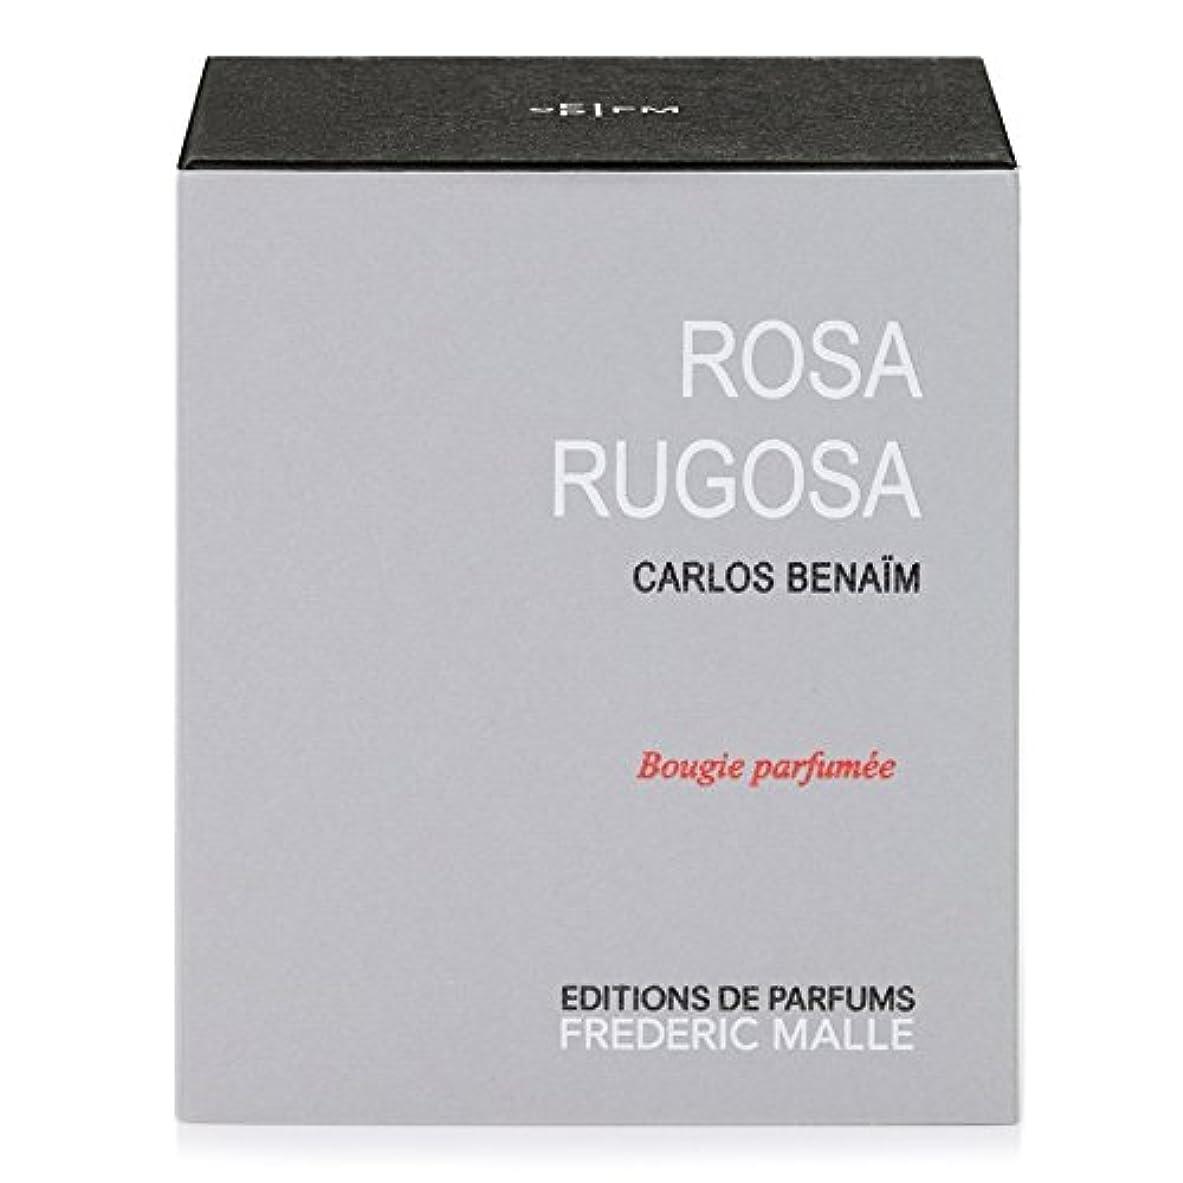 科学キルス影のあるFrederic Malle Rosa Rugosa Scented Candle - フレデリック?マルハマナスの香りのキャンドル [並行輸入品]